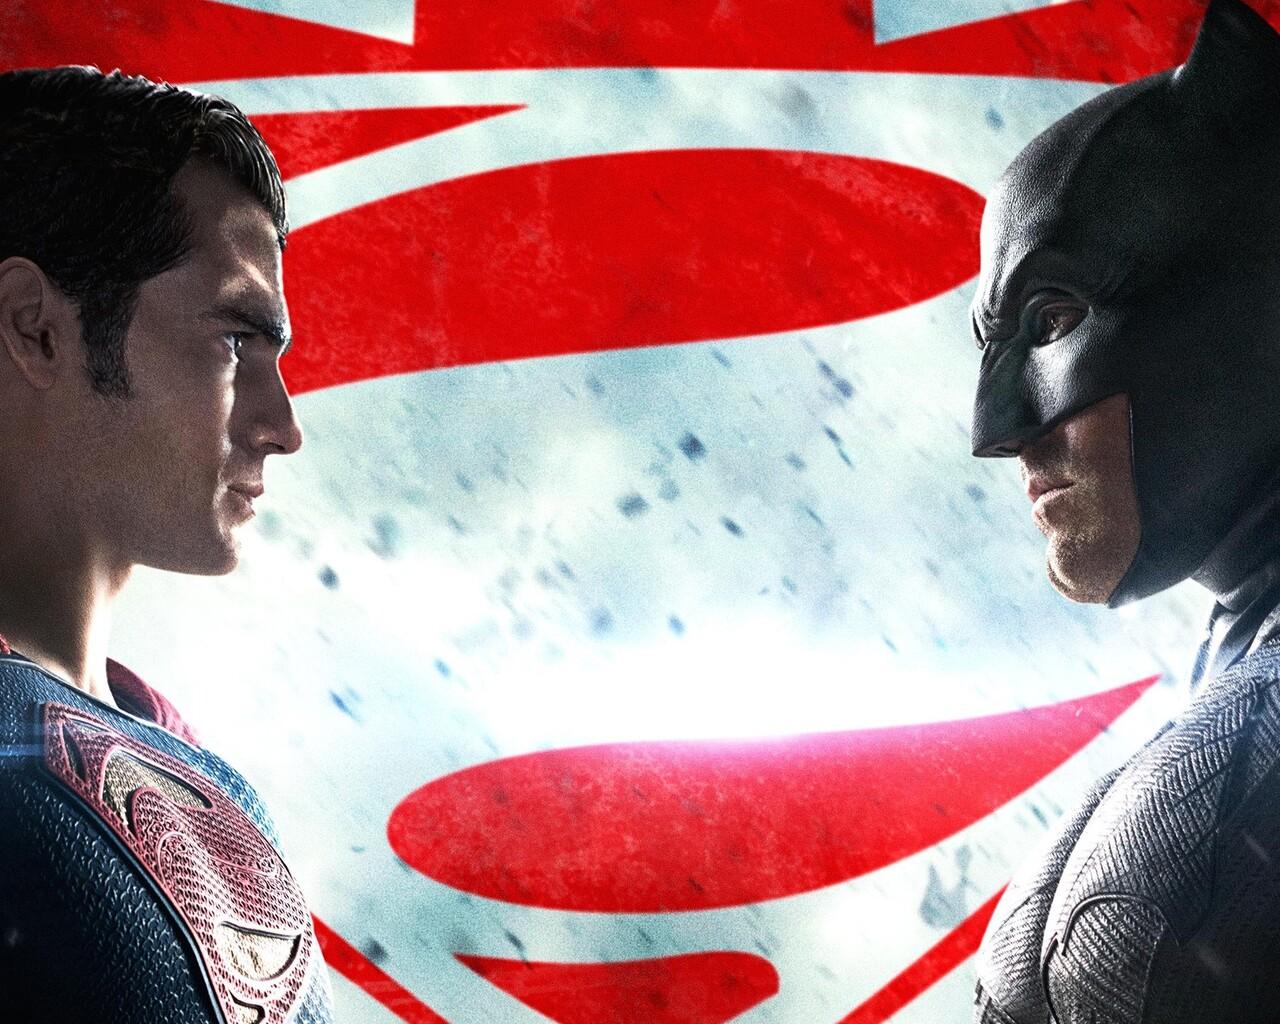 1280x1024 Wonder Woman Movie 1280x1024 Resolution Hd 4k: 1280x1024 Batman Vs Superman Dawn Of Justice 1280x1024